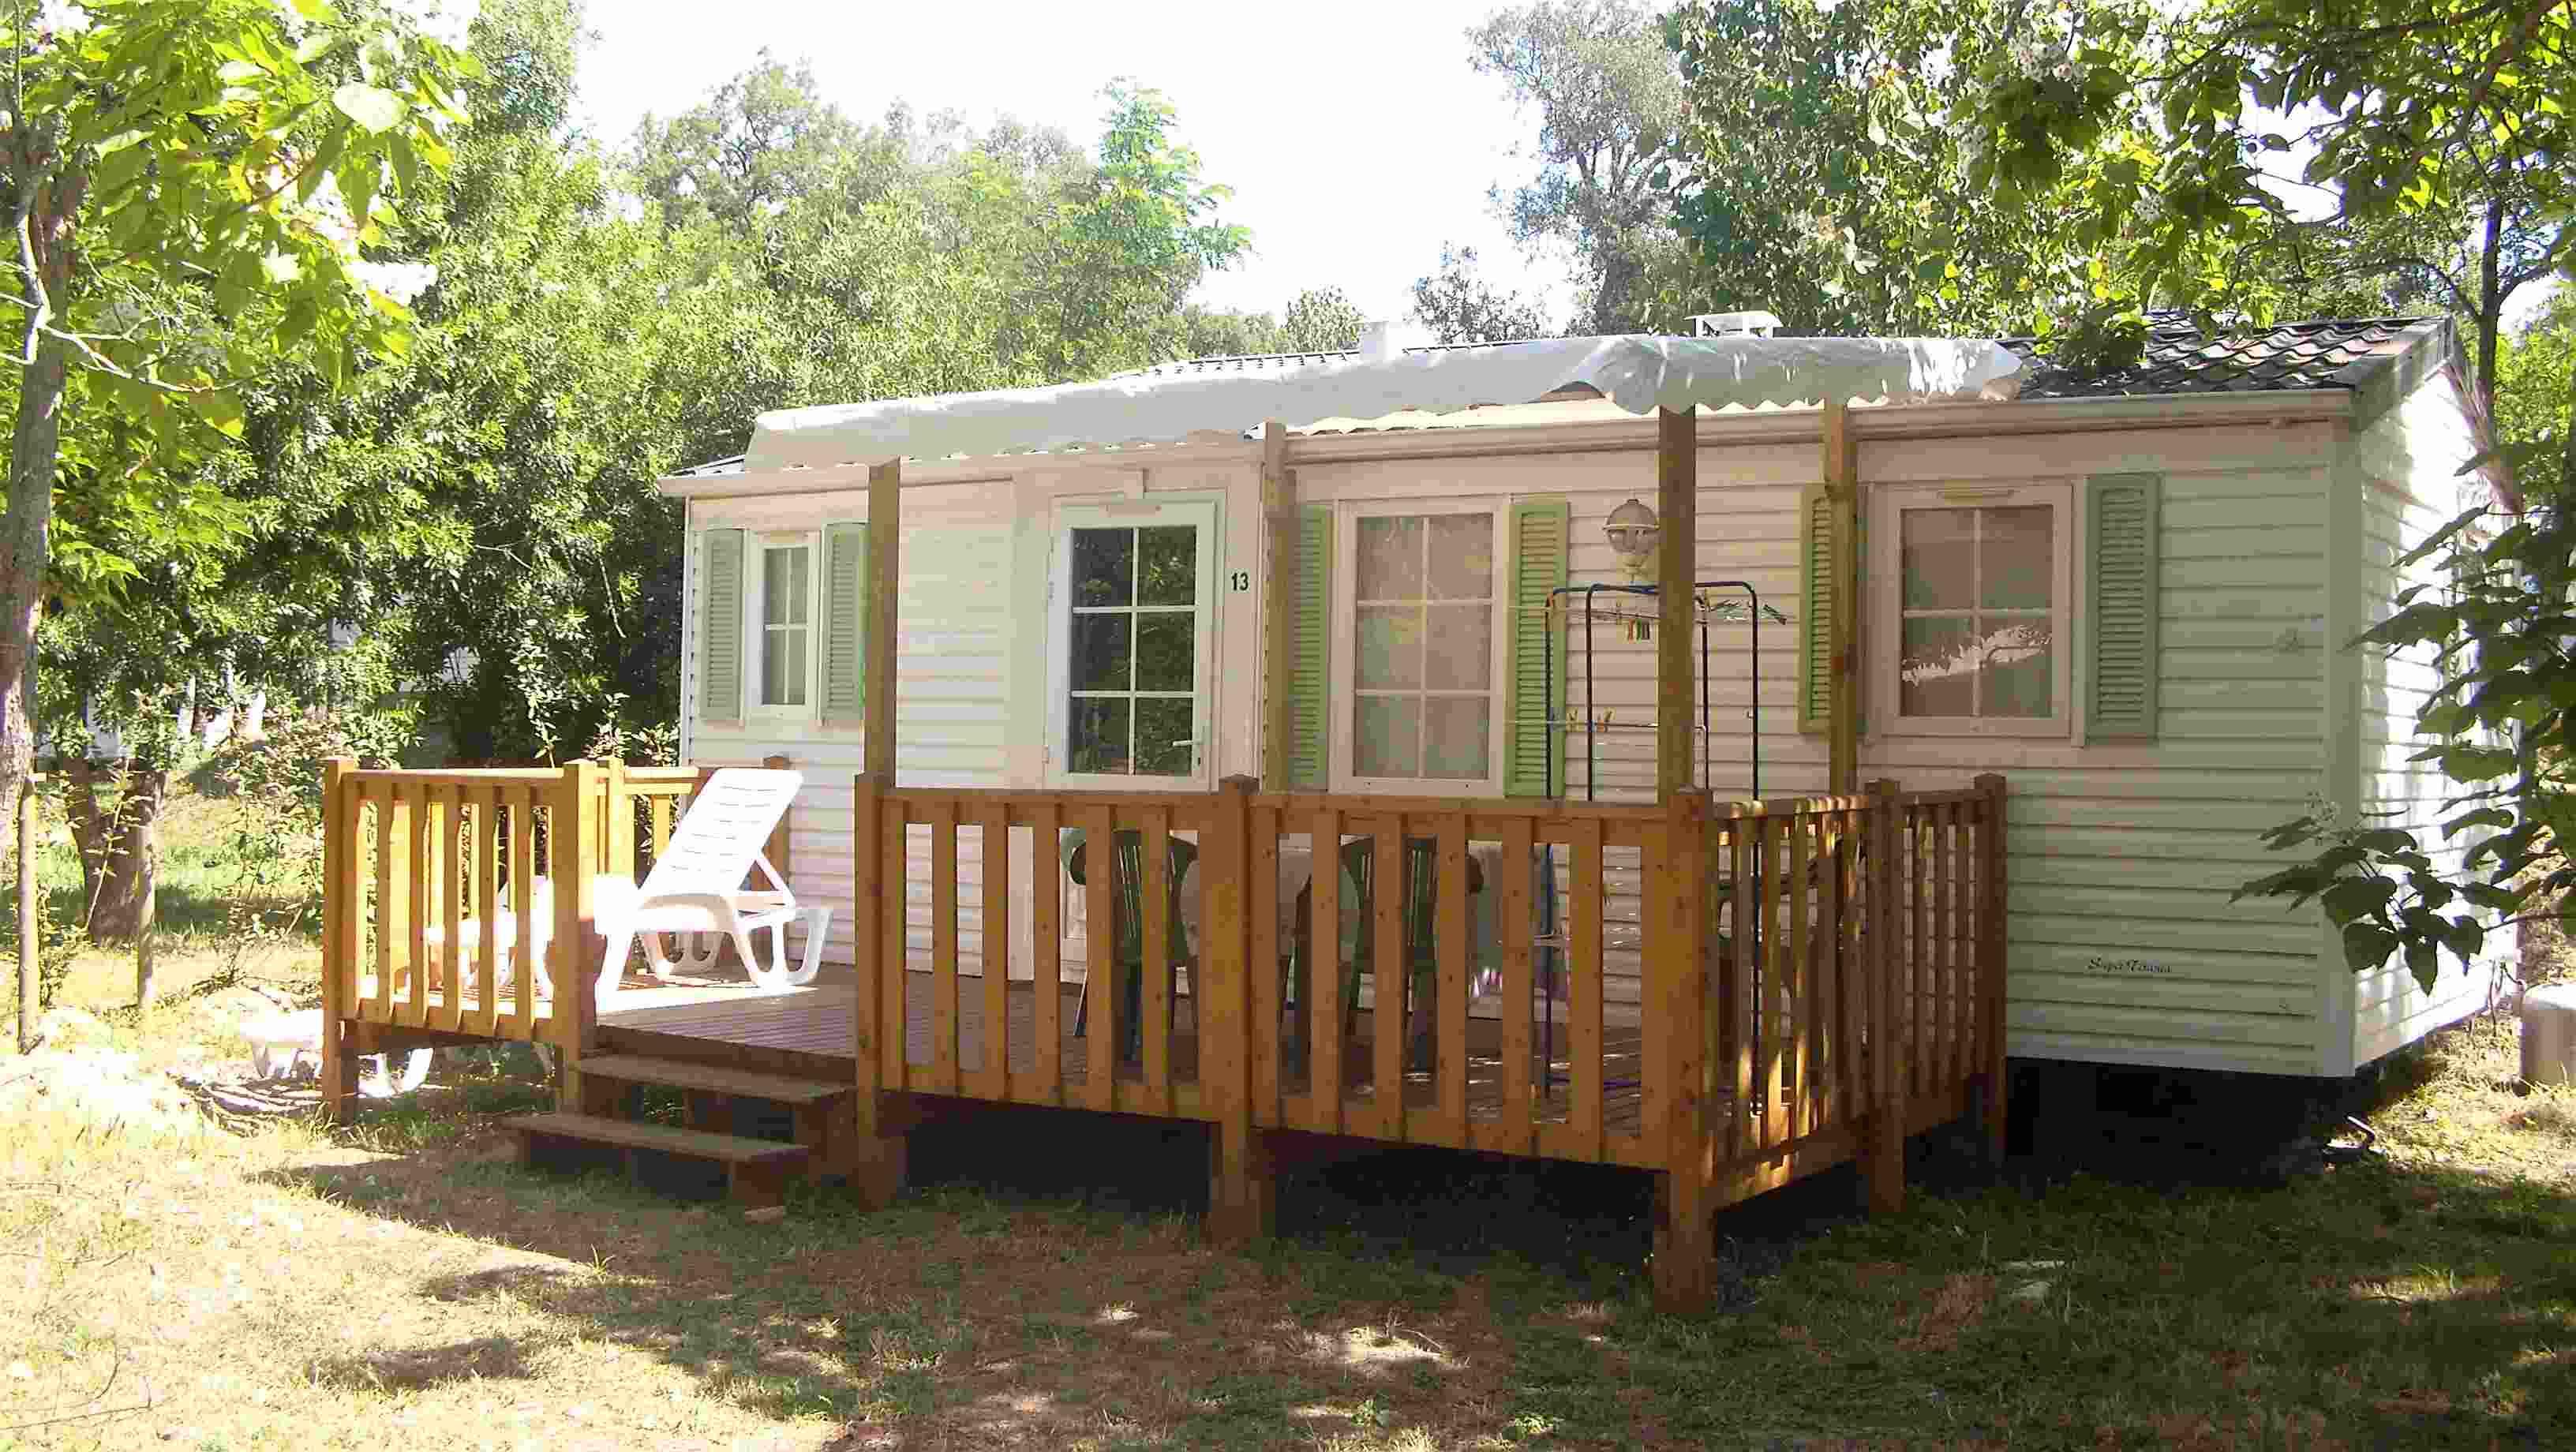 cupulatta campings porto vecchio sud corse. Black Bedroom Furniture Sets. Home Design Ideas